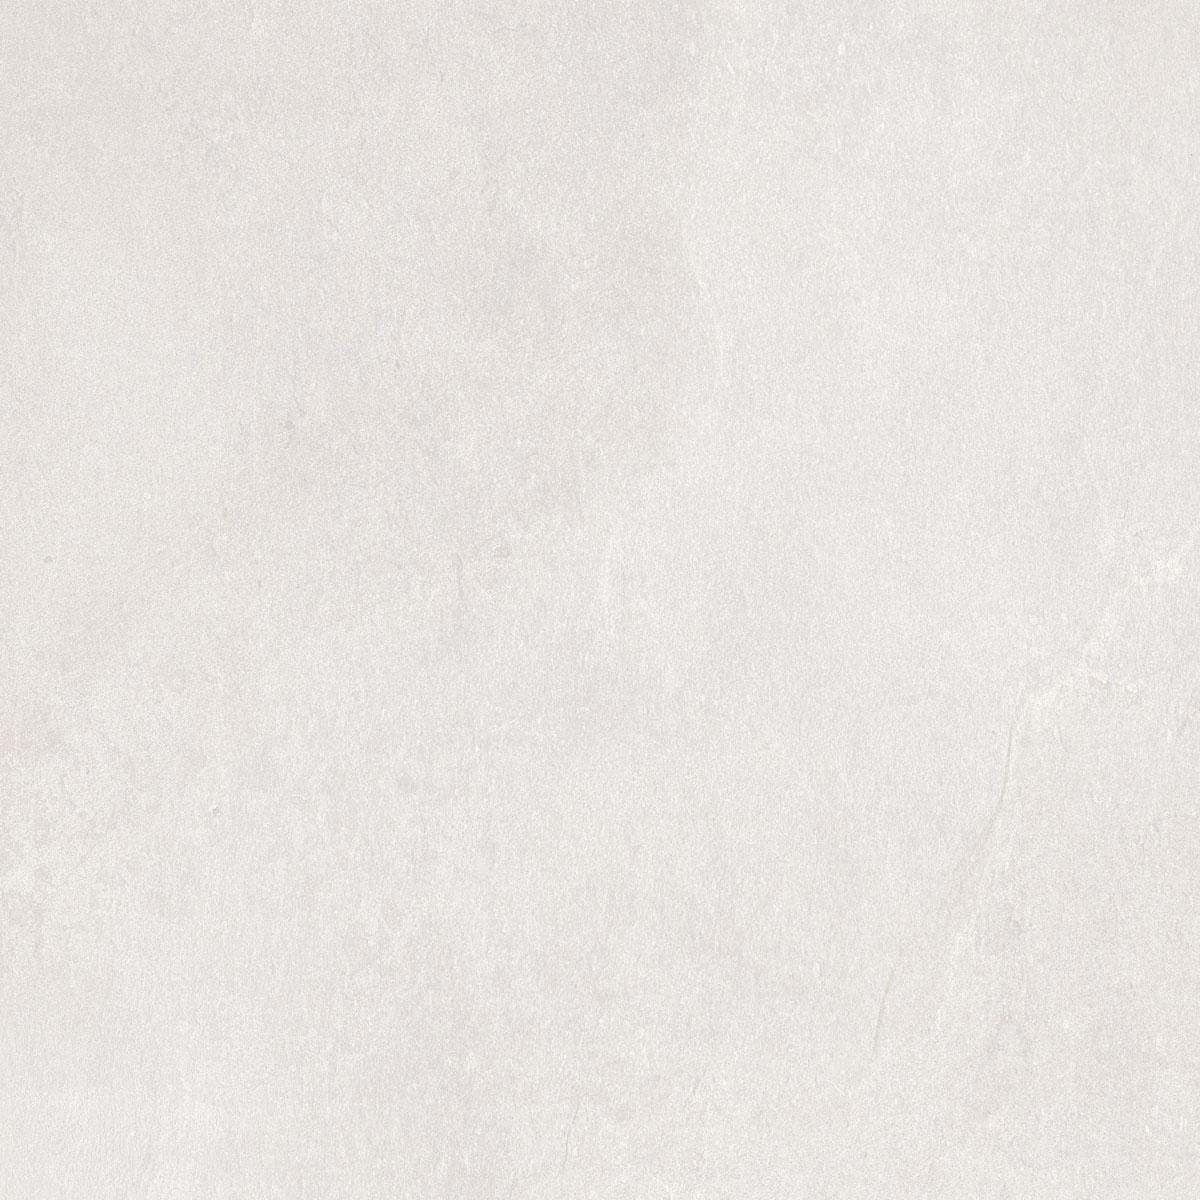 Напольная плитка Dualgres Monestir 45х45 напольная плитка ceramika konskie neo geo verona gres szkliwiony 33 3x33 3